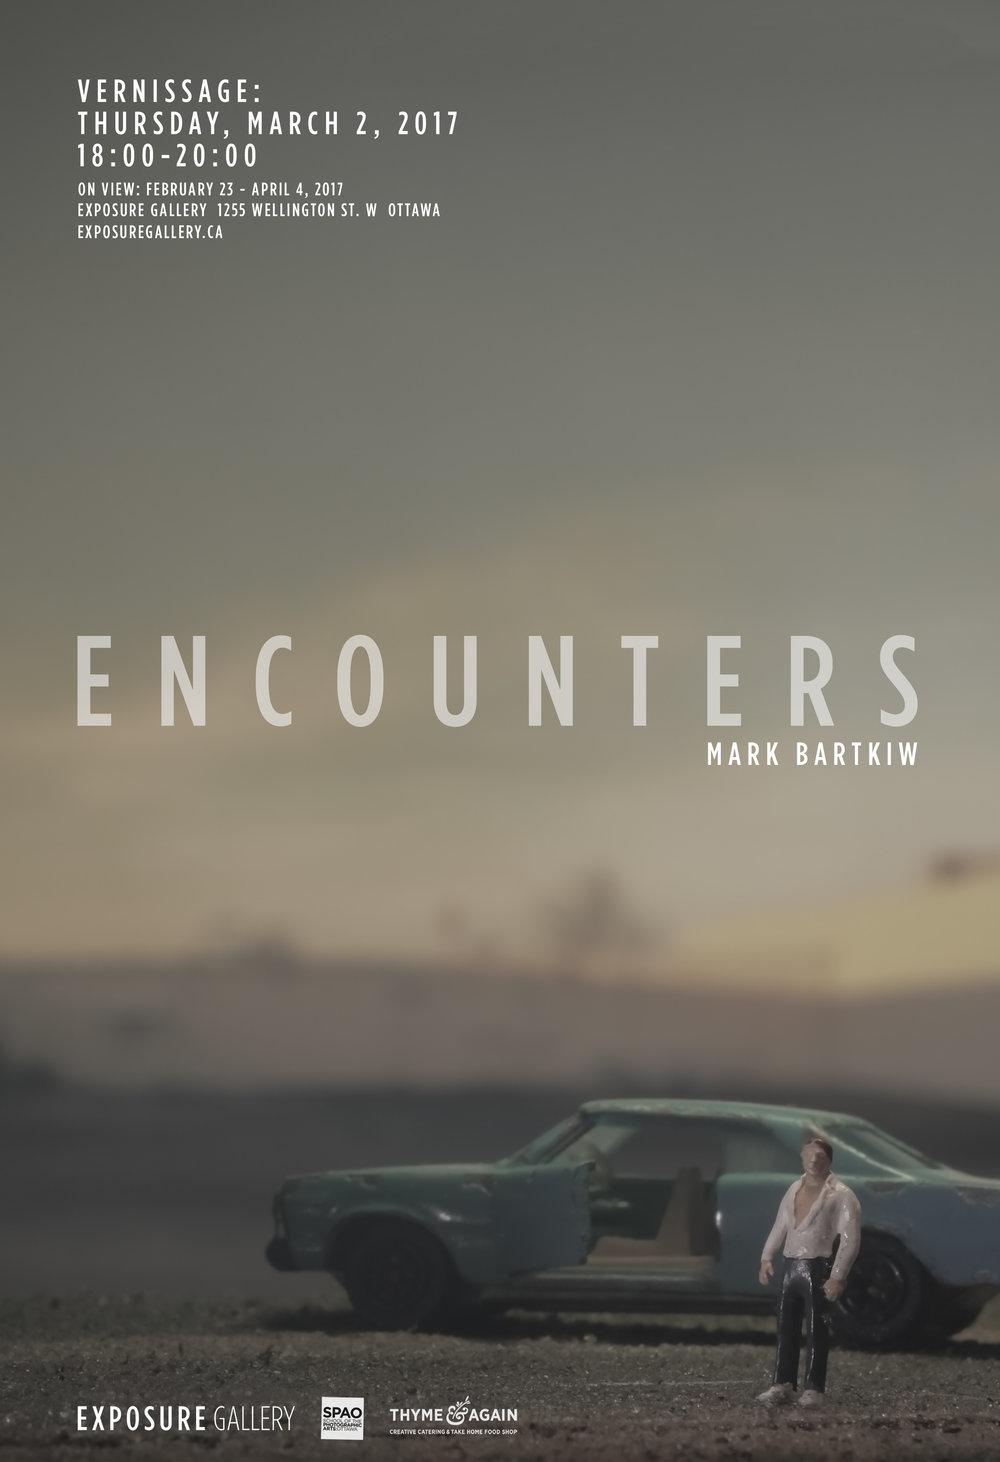 ENCOUNTERS_poster_8.5_11.jpg